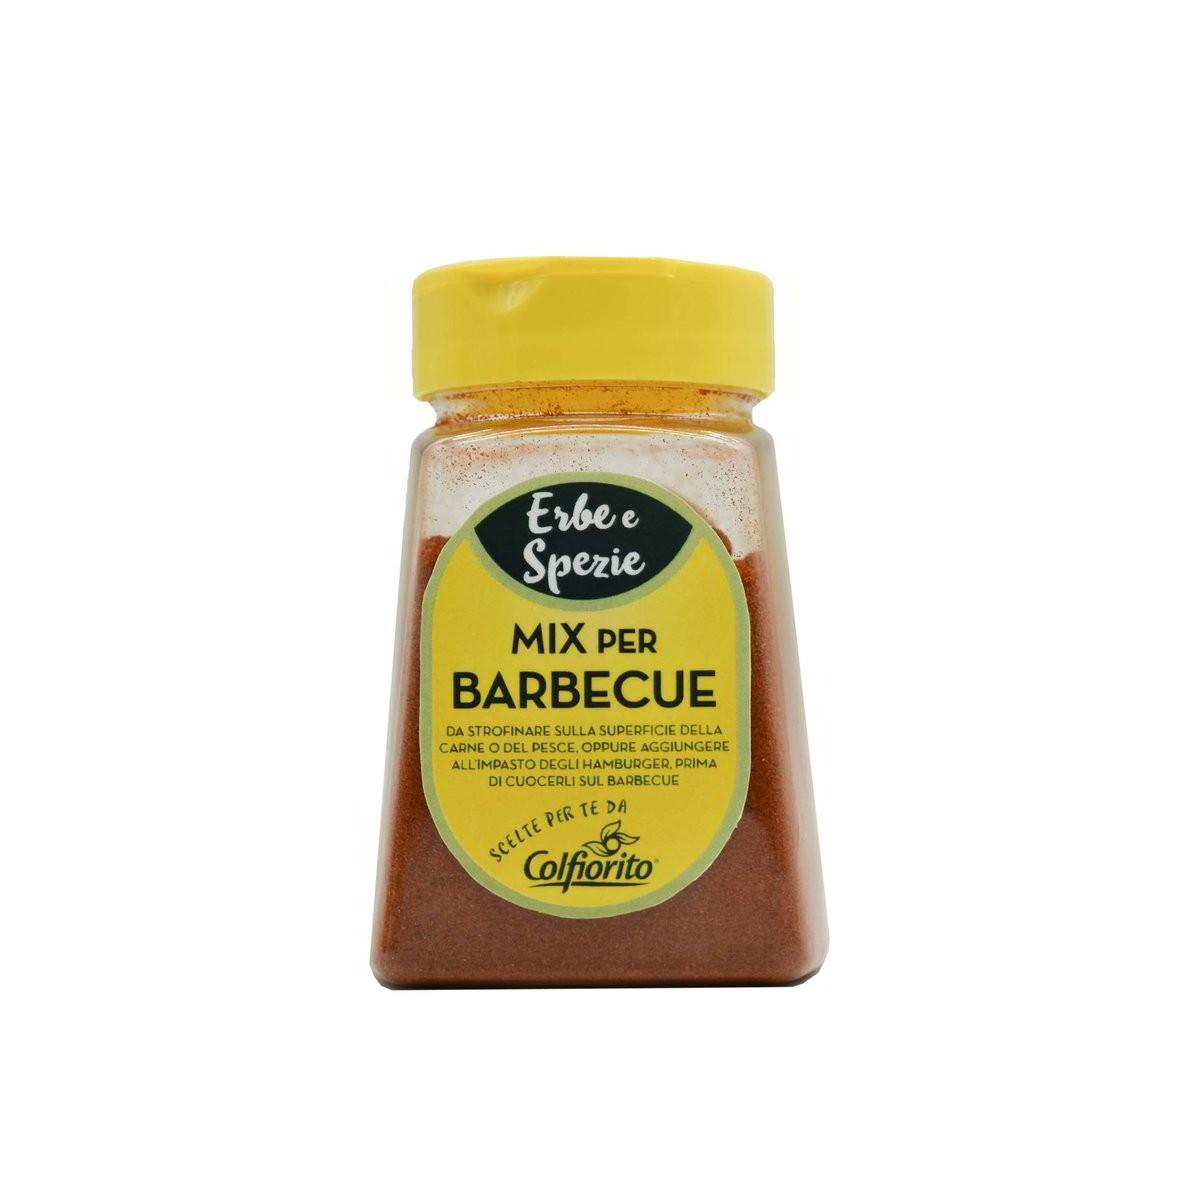 Colfiorito Mix Per Barbecue